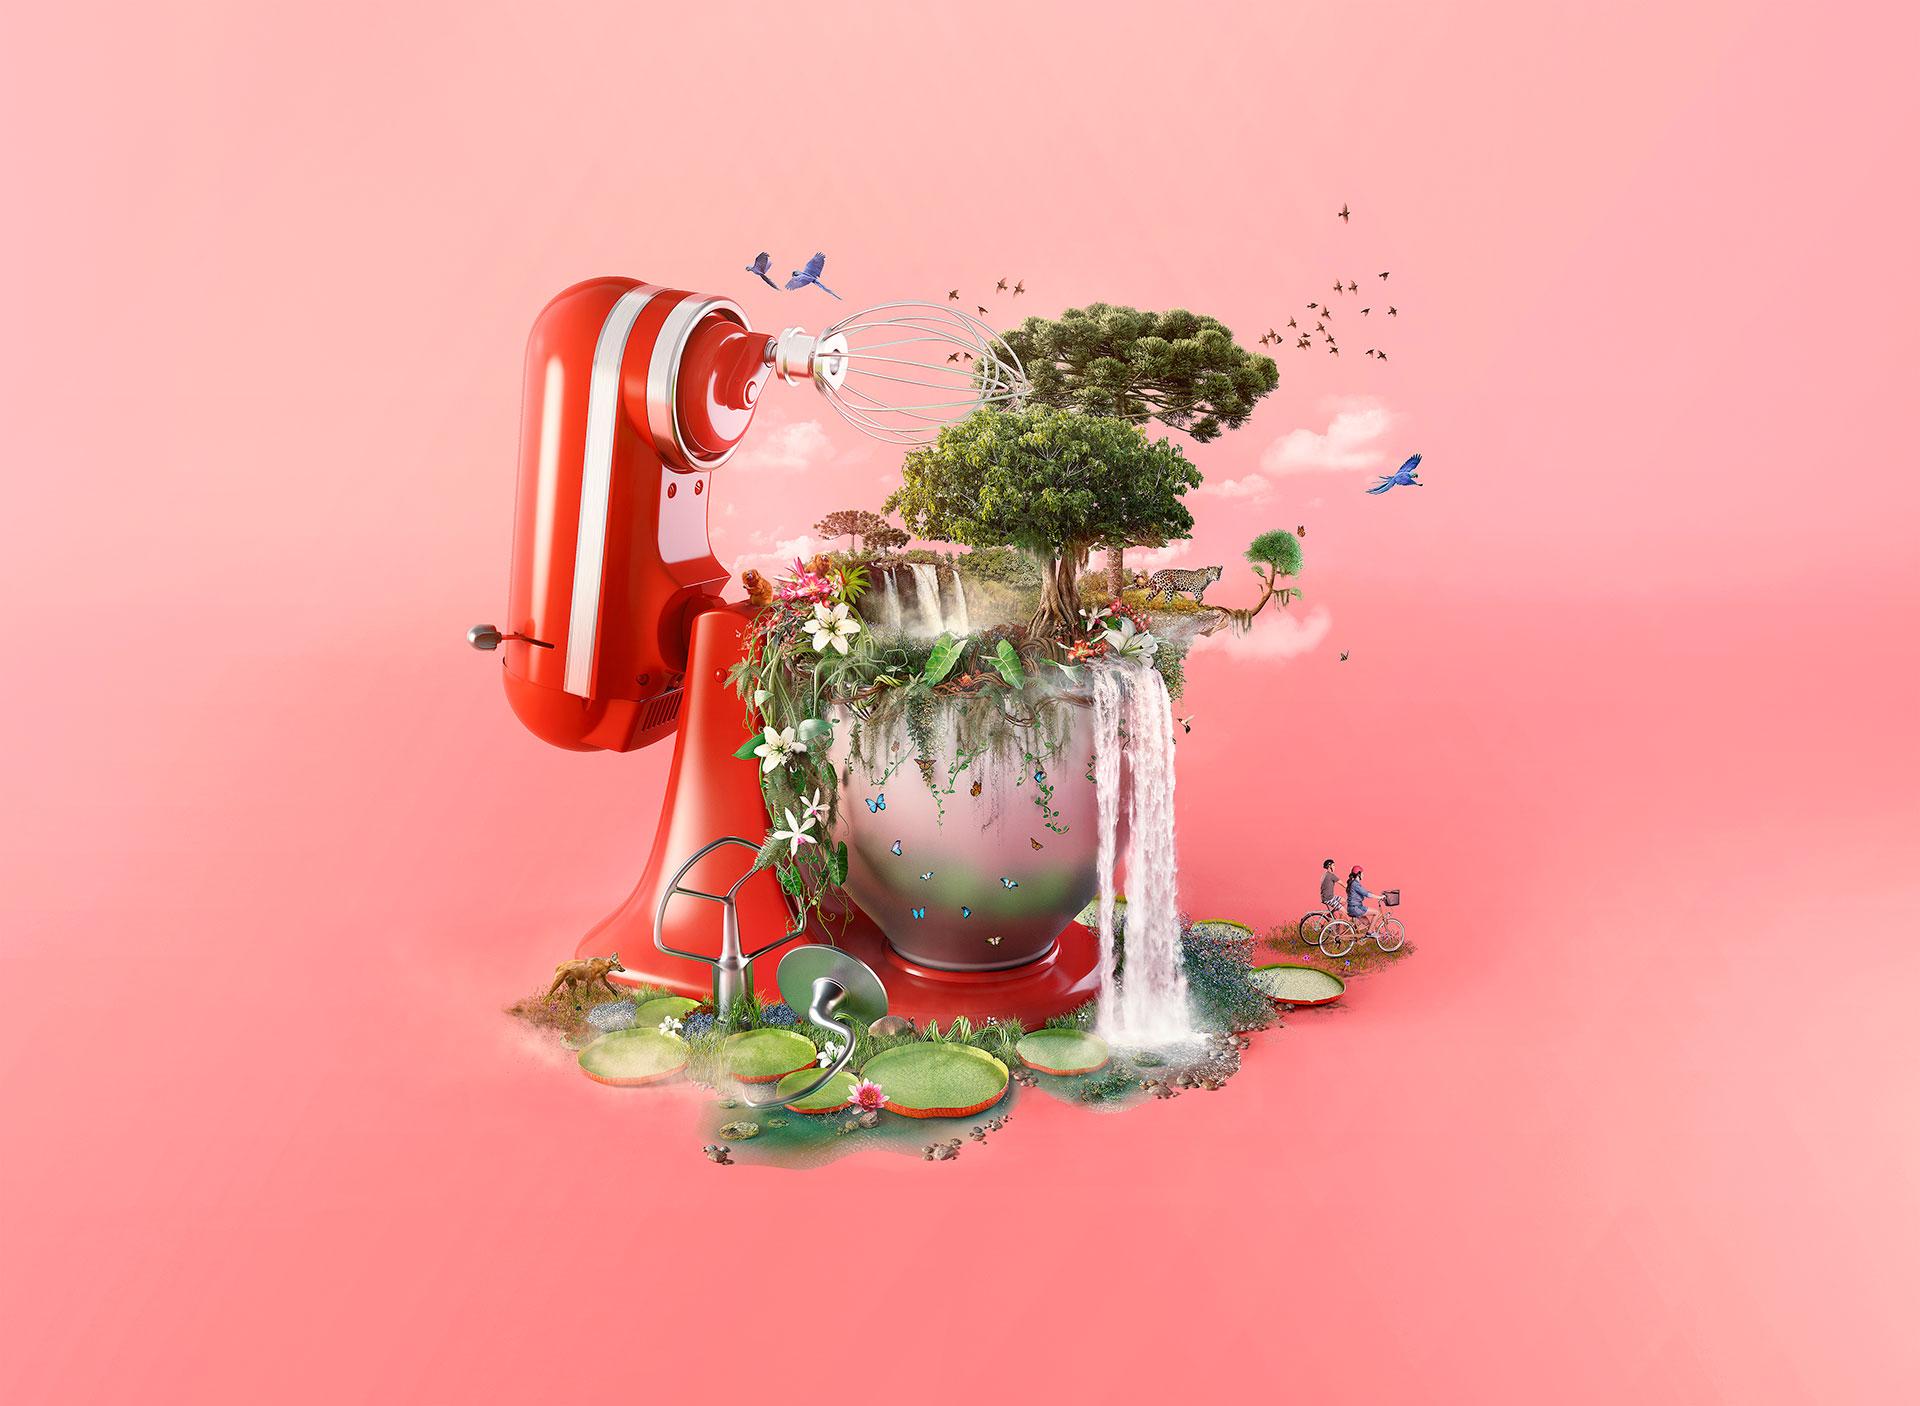 fuze-image-works-o-boticario